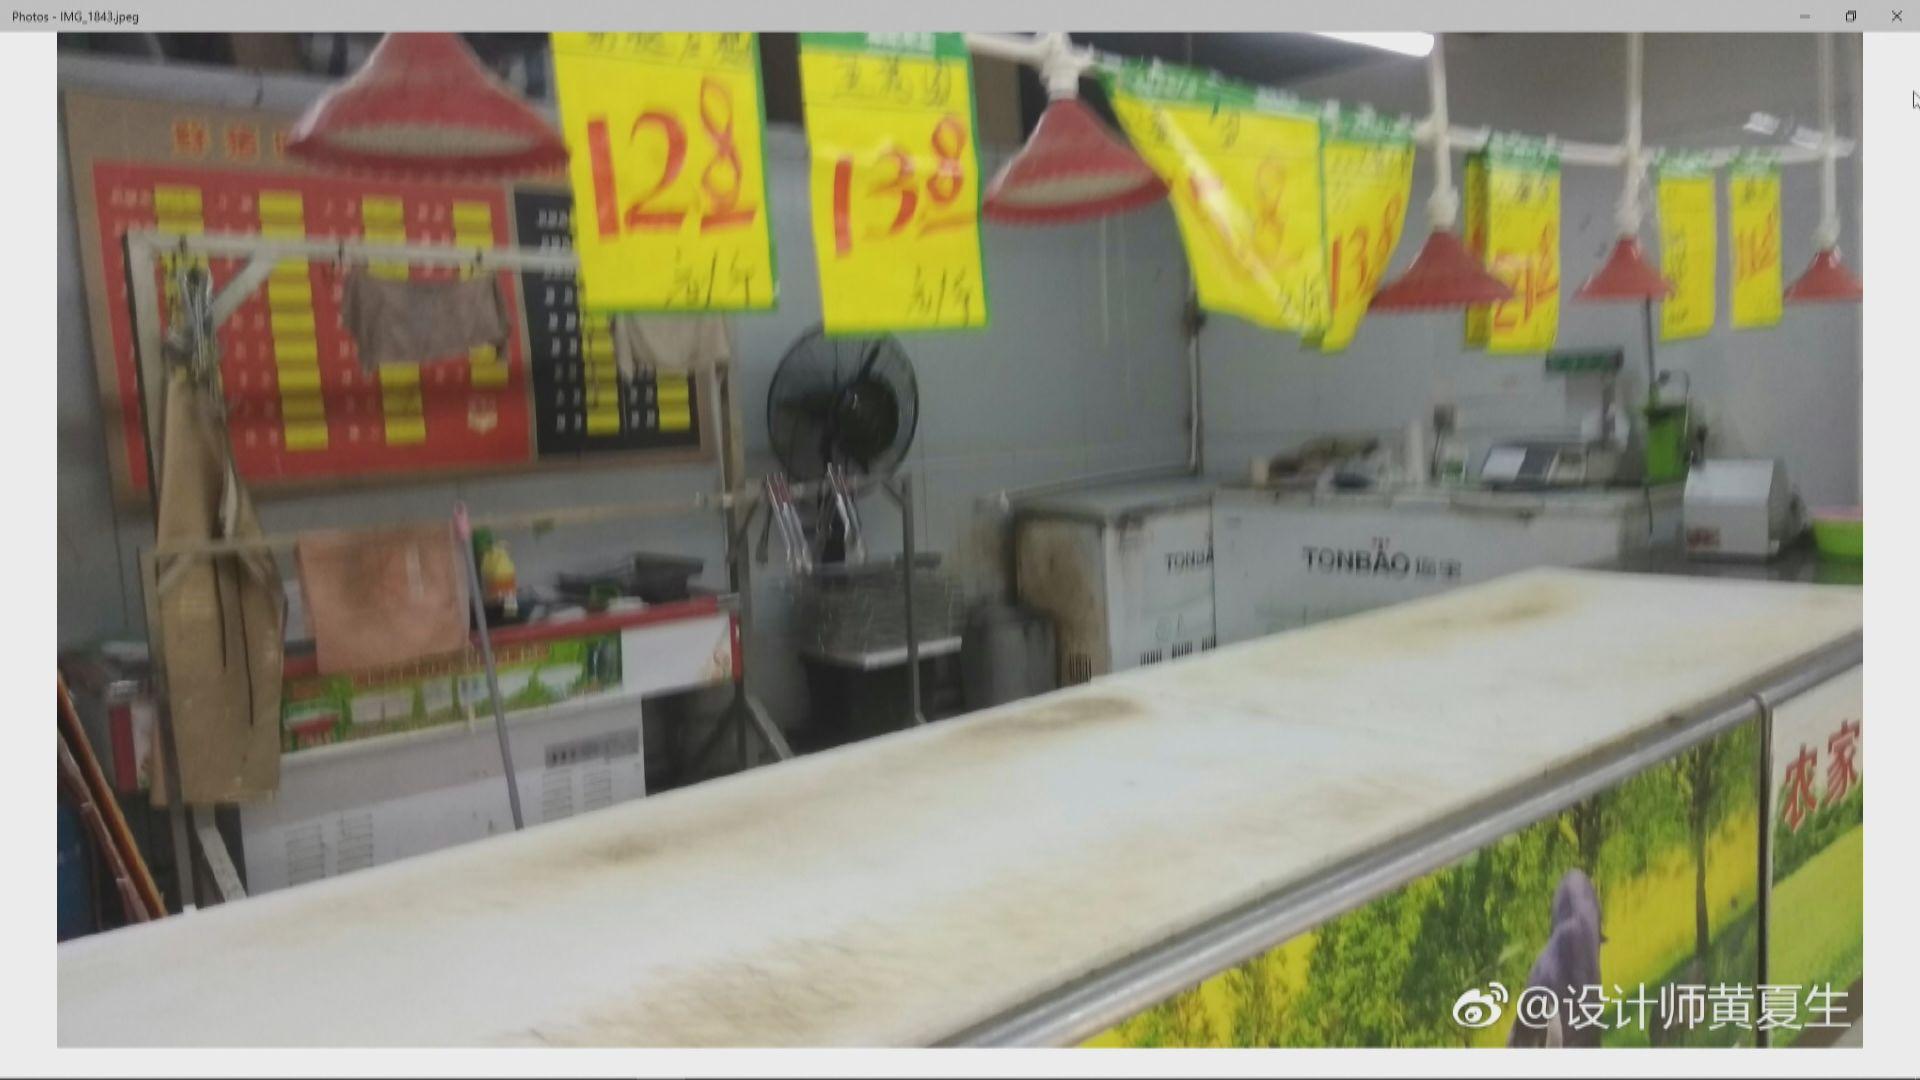 深圳市經貿信息委稱新鮮豬肉供應穩定